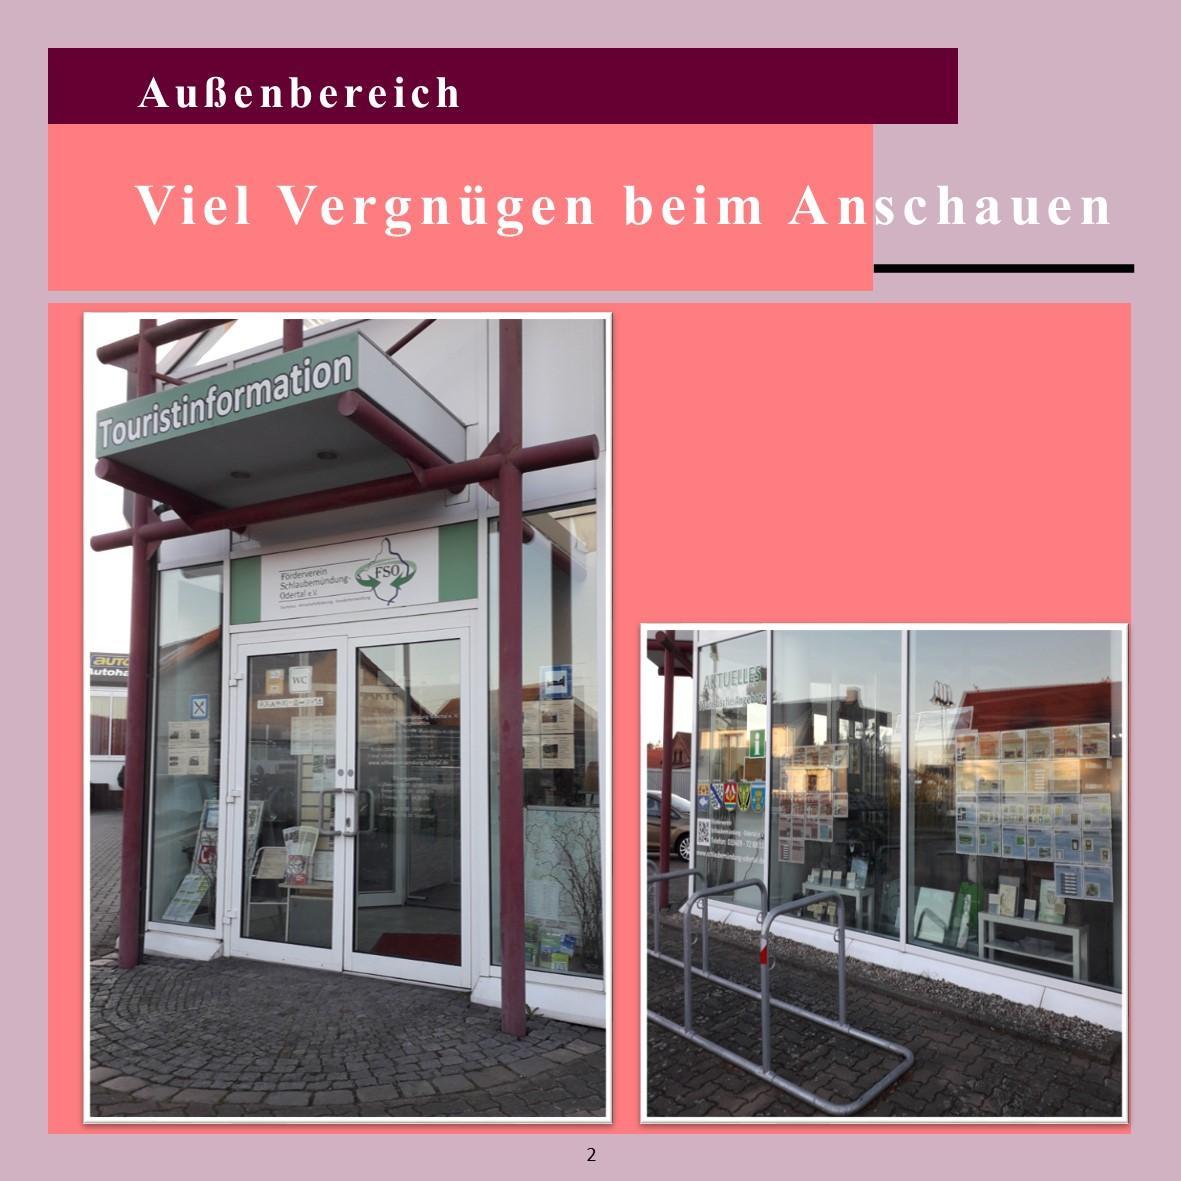 00_Broschüre_Bilder_Touristinformation 2